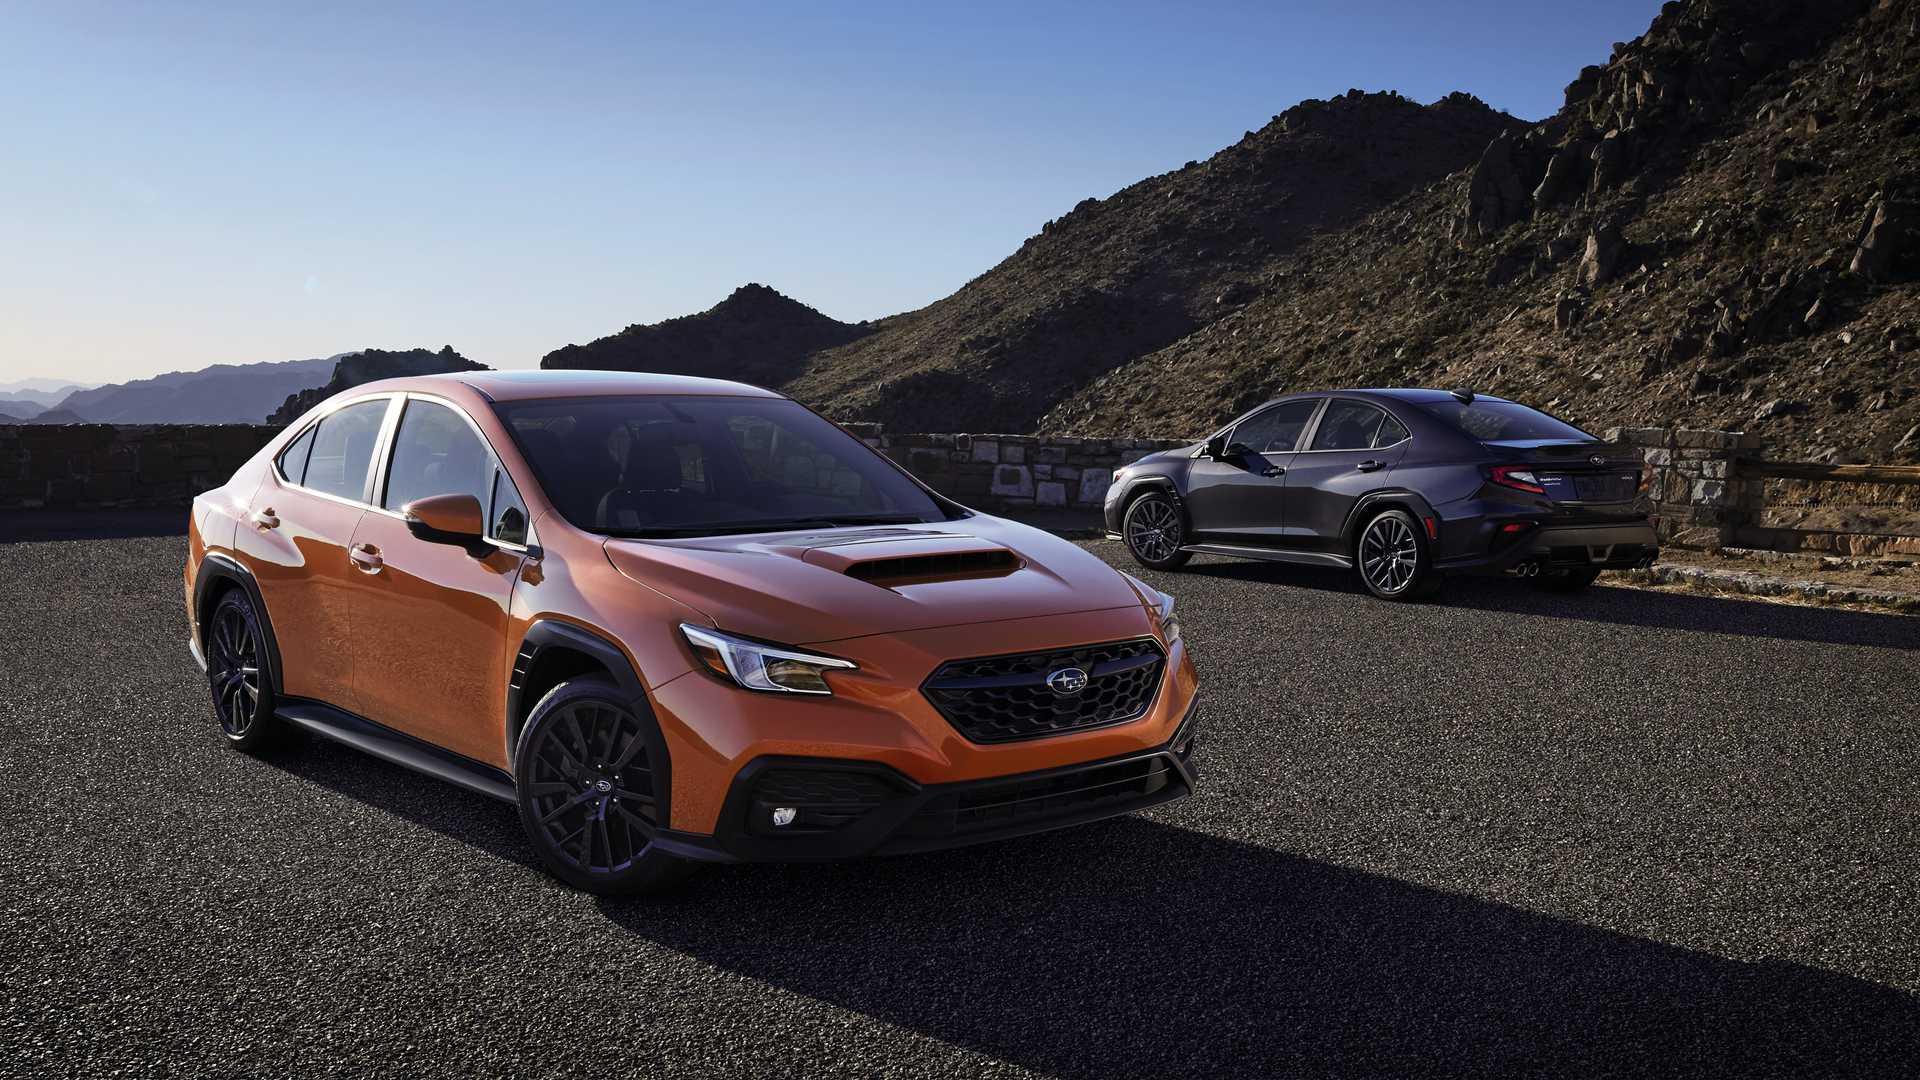 Cheap Fun Redux: The All-New 2022 Subaru WRX Is Still Built Tough For Fun On A Budget